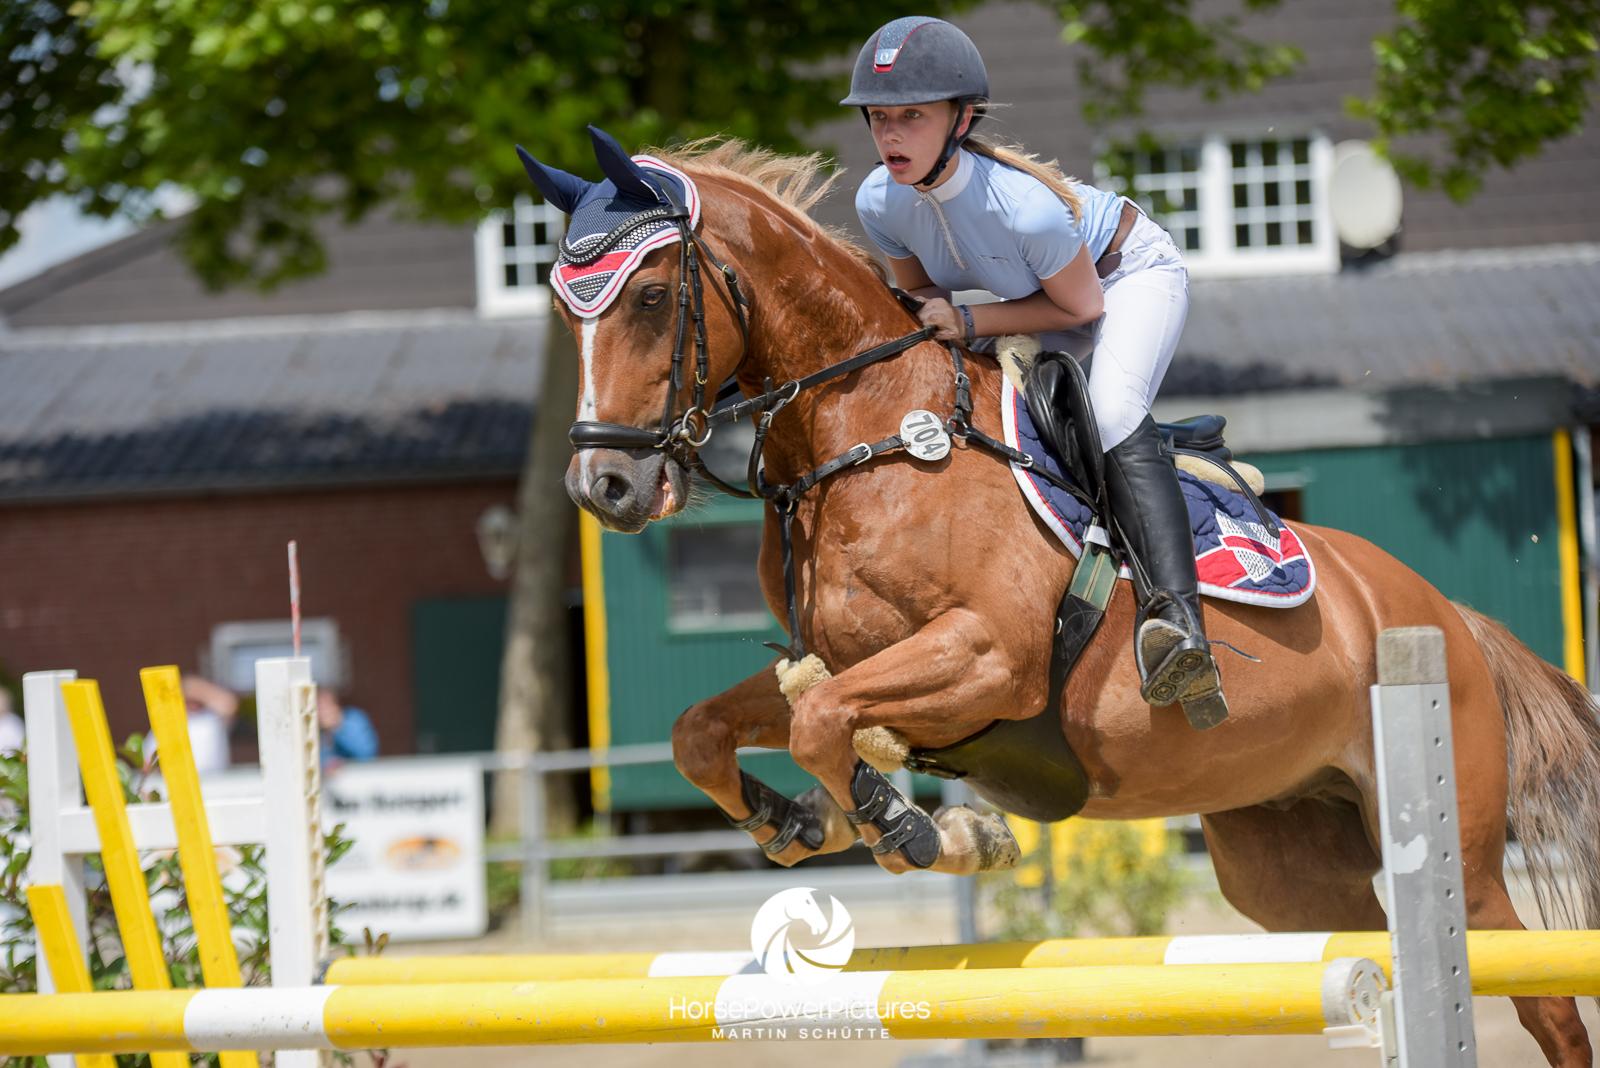 Hanna Schumacher - Team HorsePowerPictures